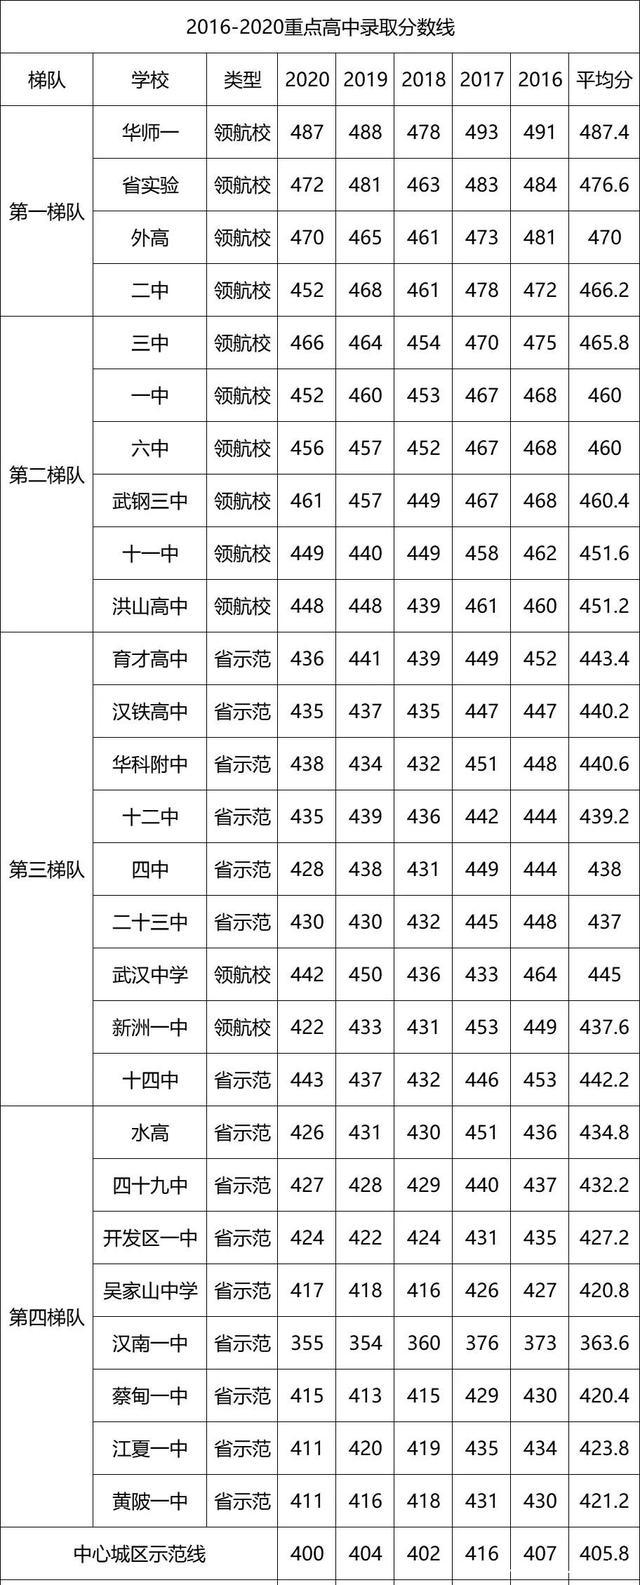 2021湖北省重点高中排名公布!省实验第二,洪高和三中同一梯队